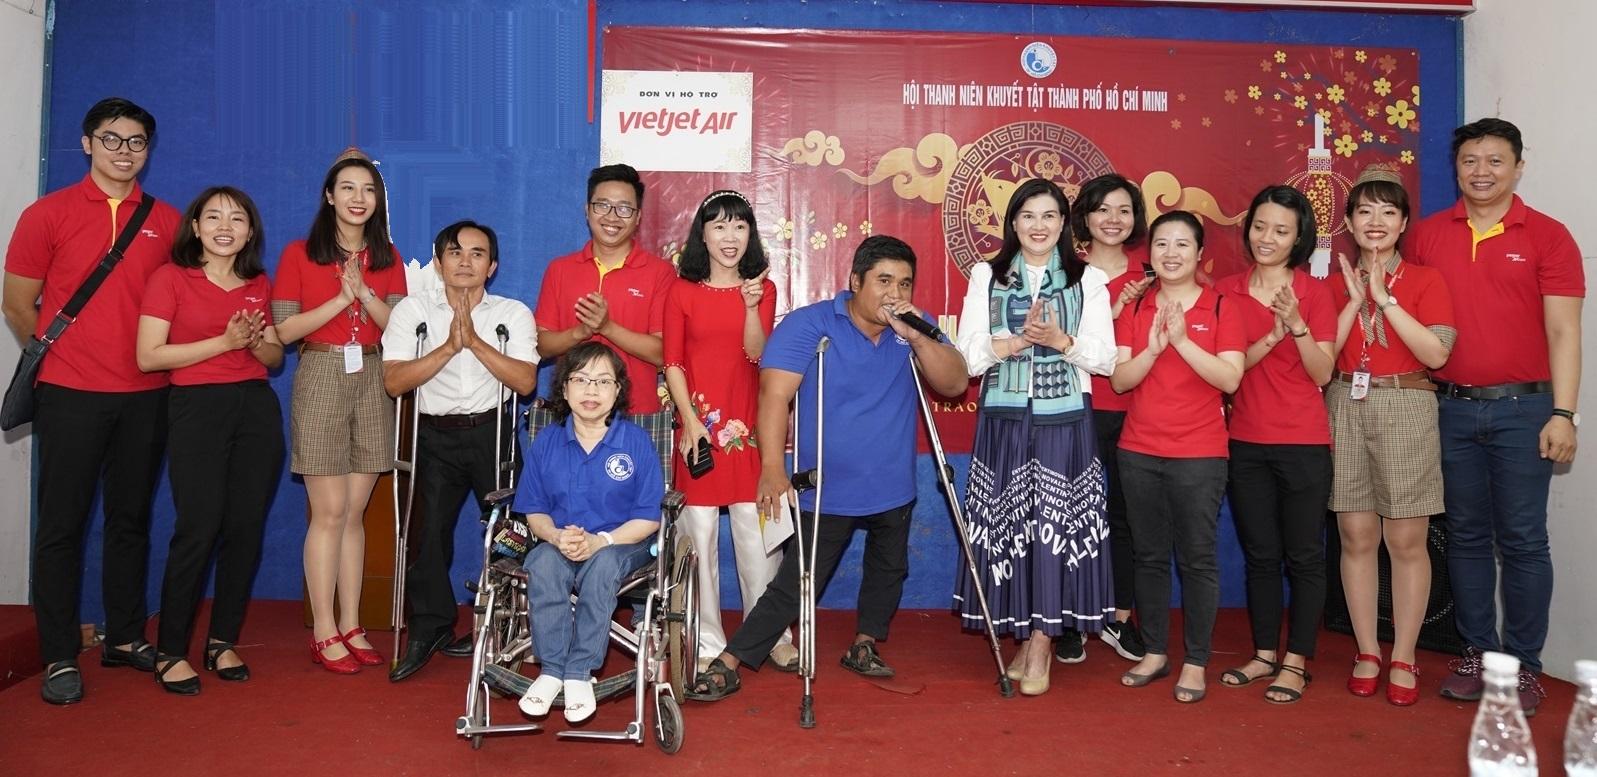 Đại diện Vietjet giao lưu cùng thành viên ưu tú Trương Minh Trung (áo xanh). Ảnh: Vietjet